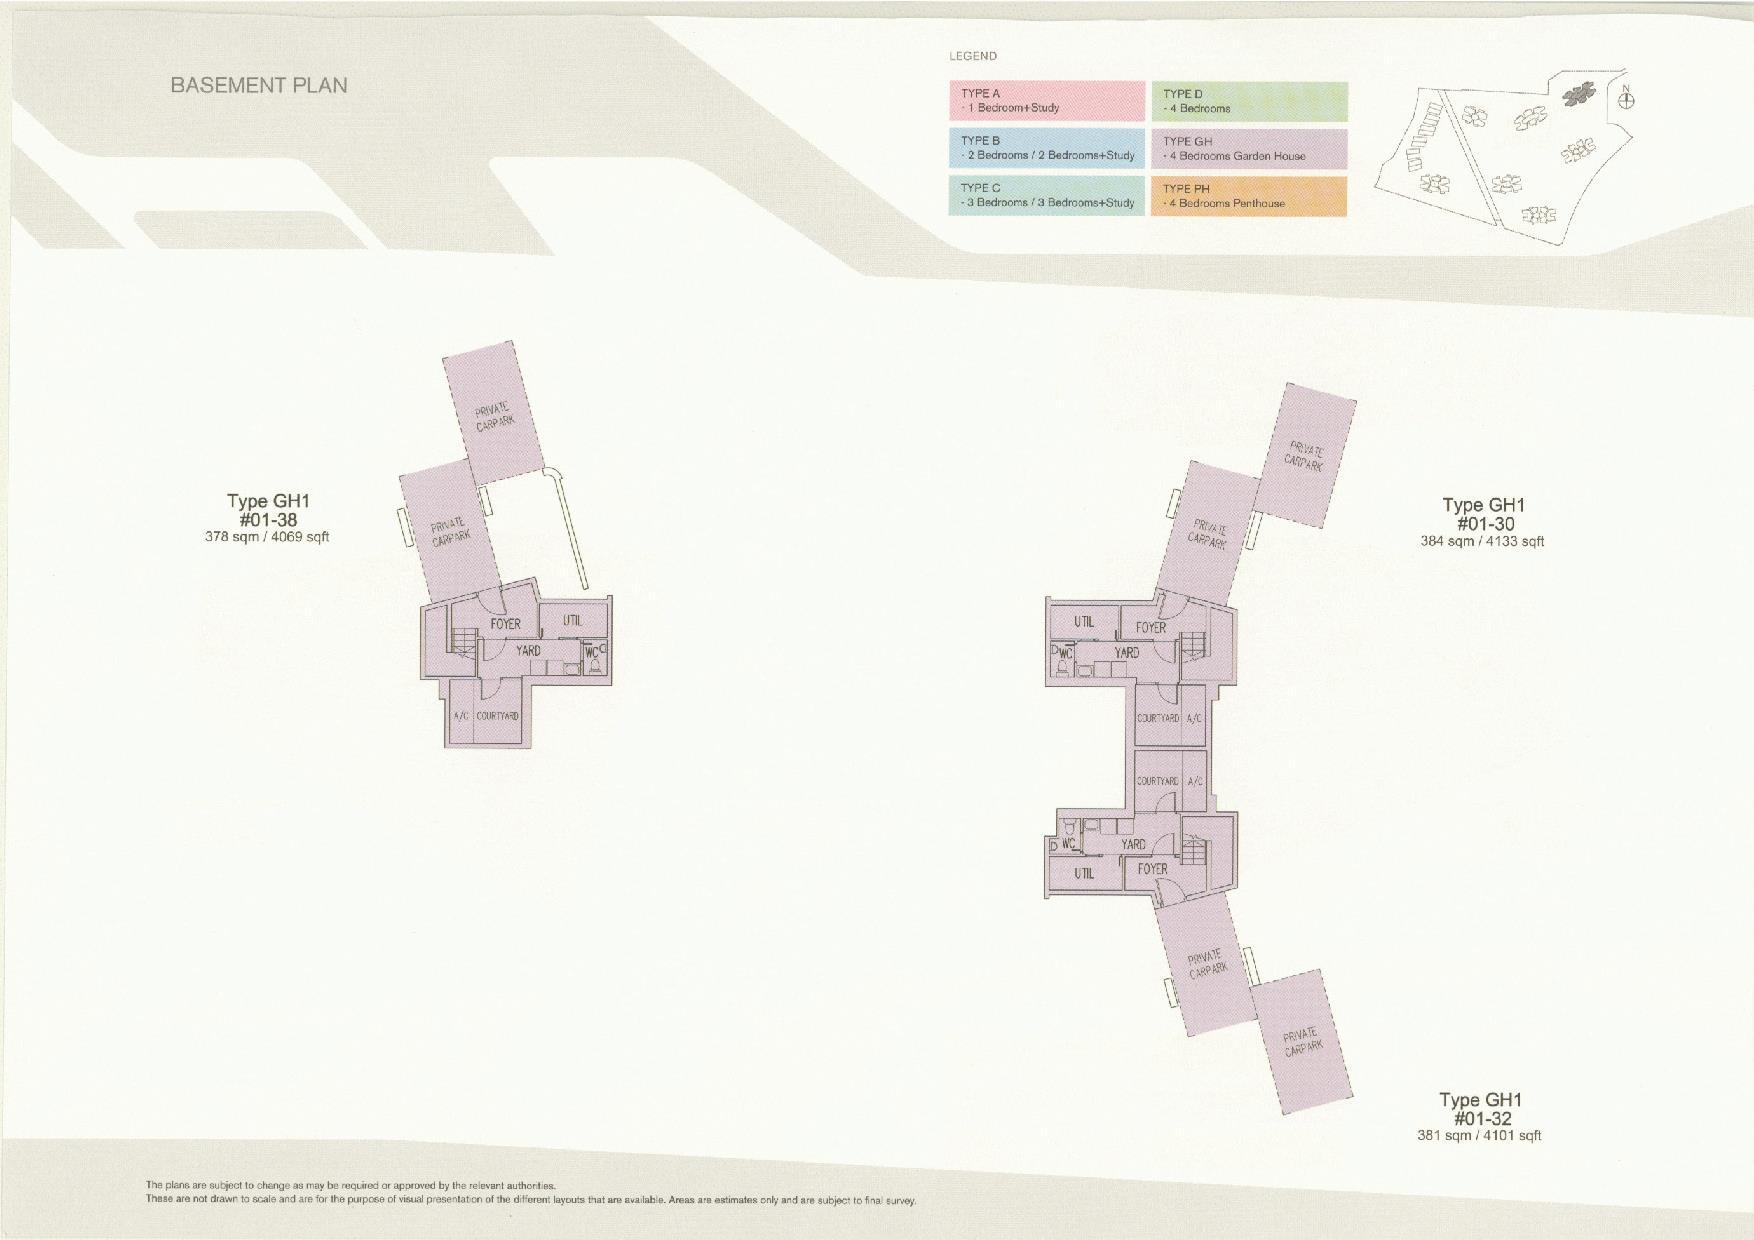 D'Leedon Block 11 Basement Floor Plans